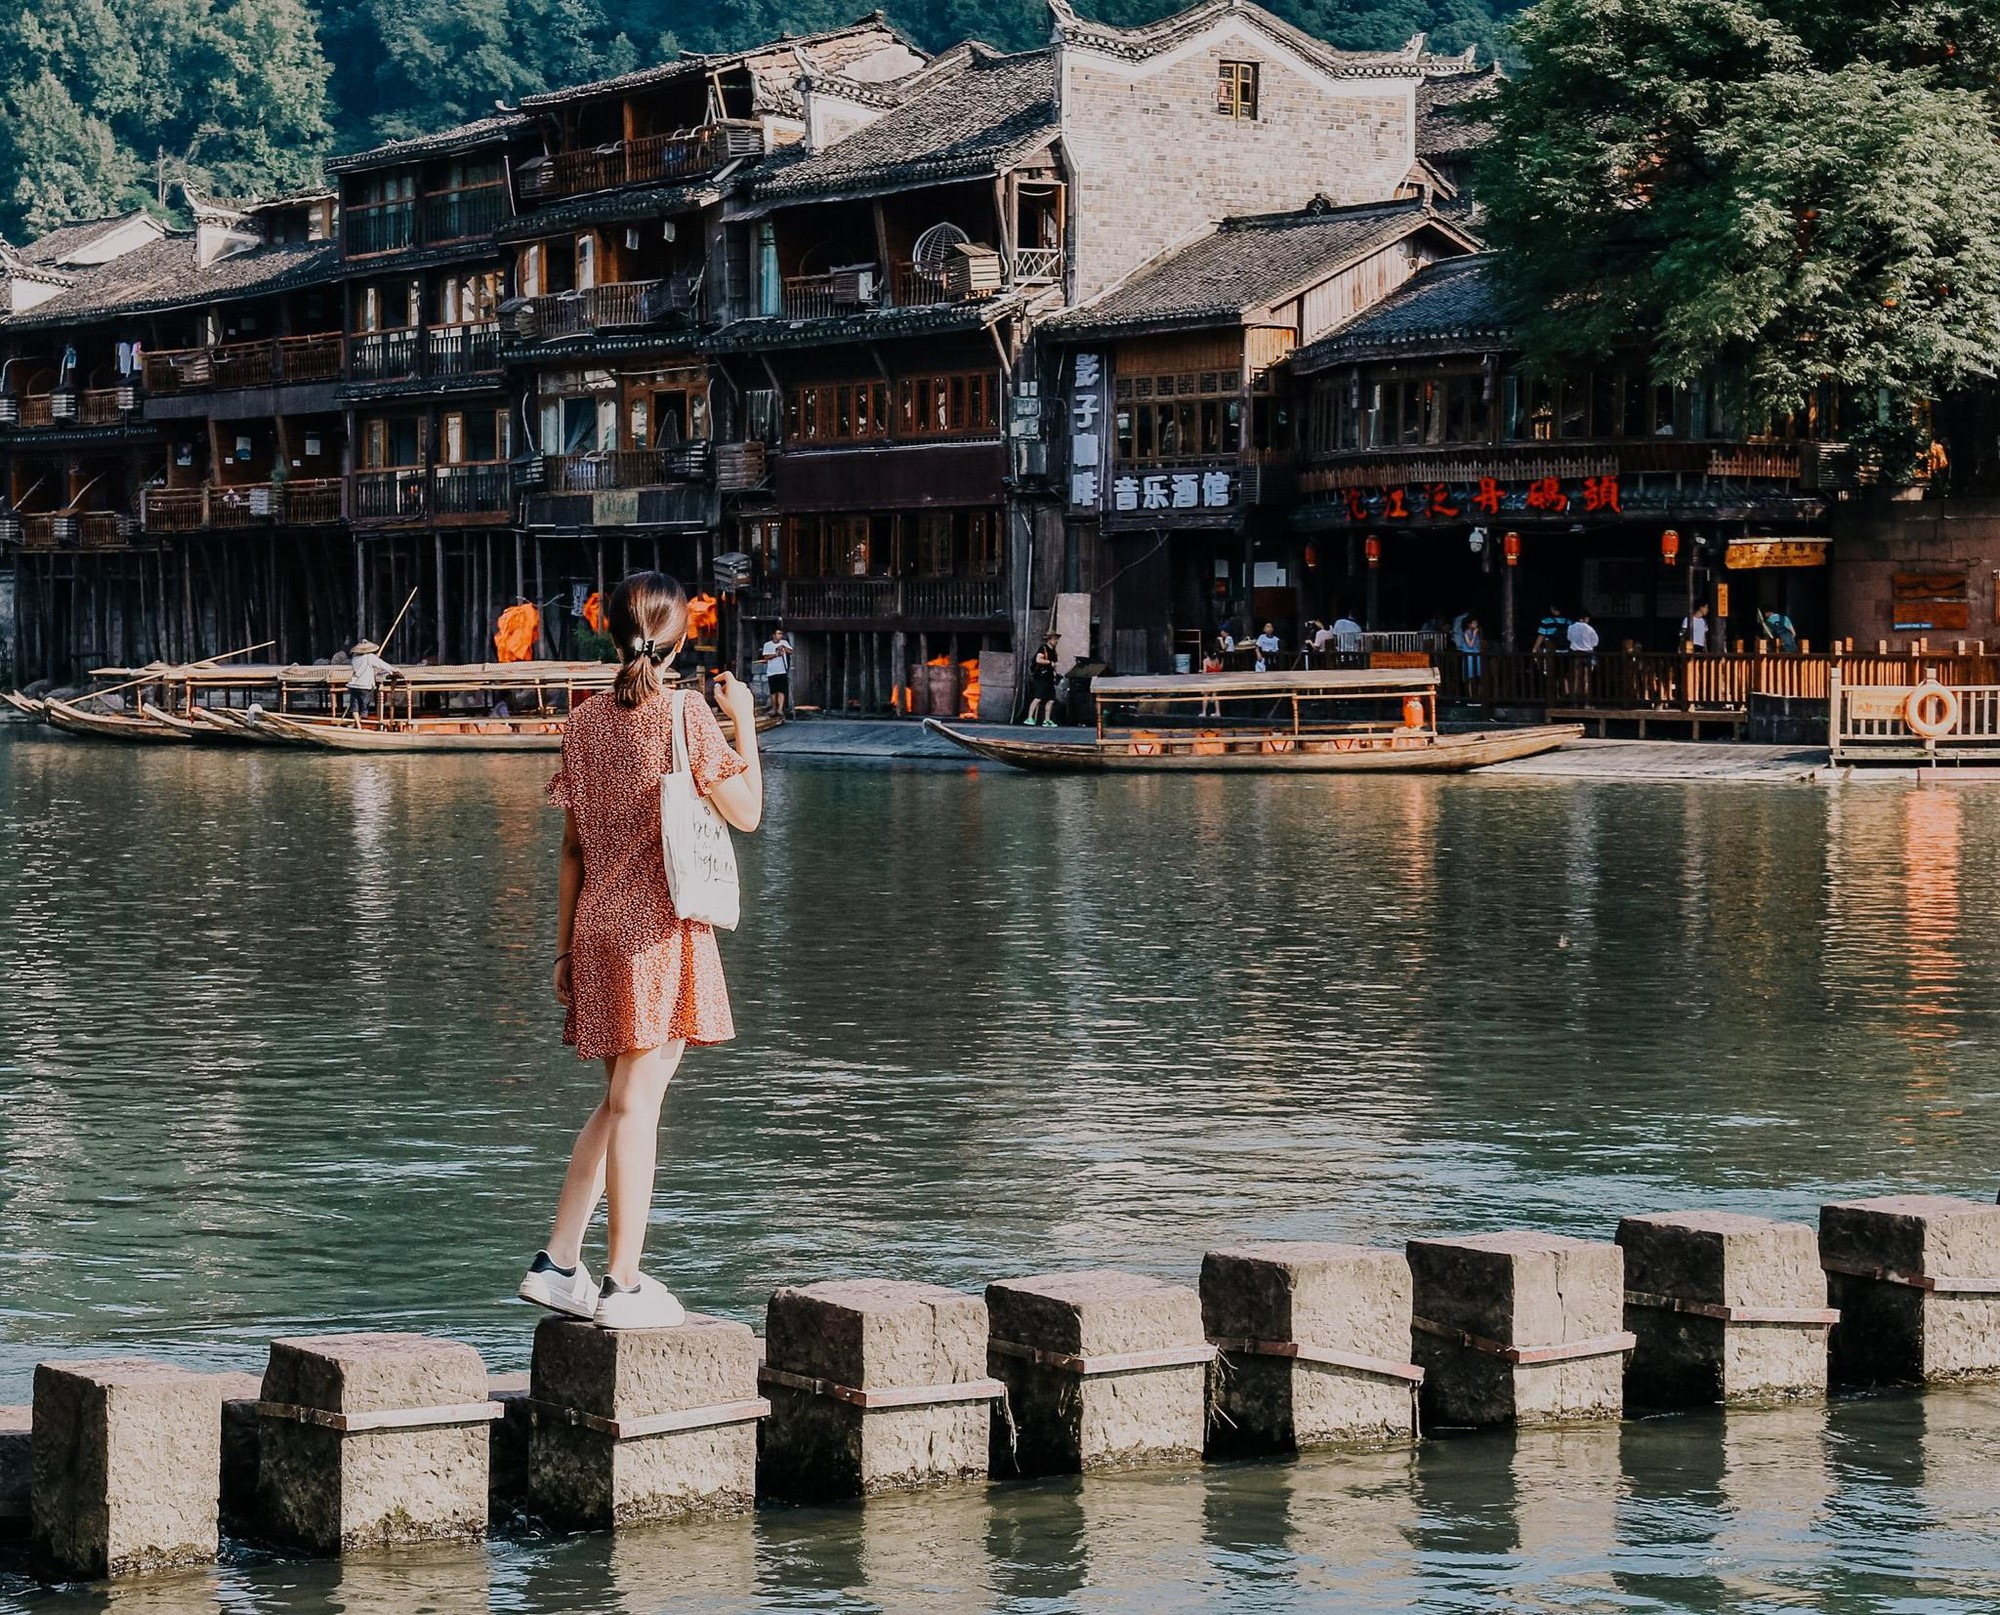 Phượng Hoàng cổ trấn và bí mật thu hút khách du lịch quanh năm - Ảnh 8.